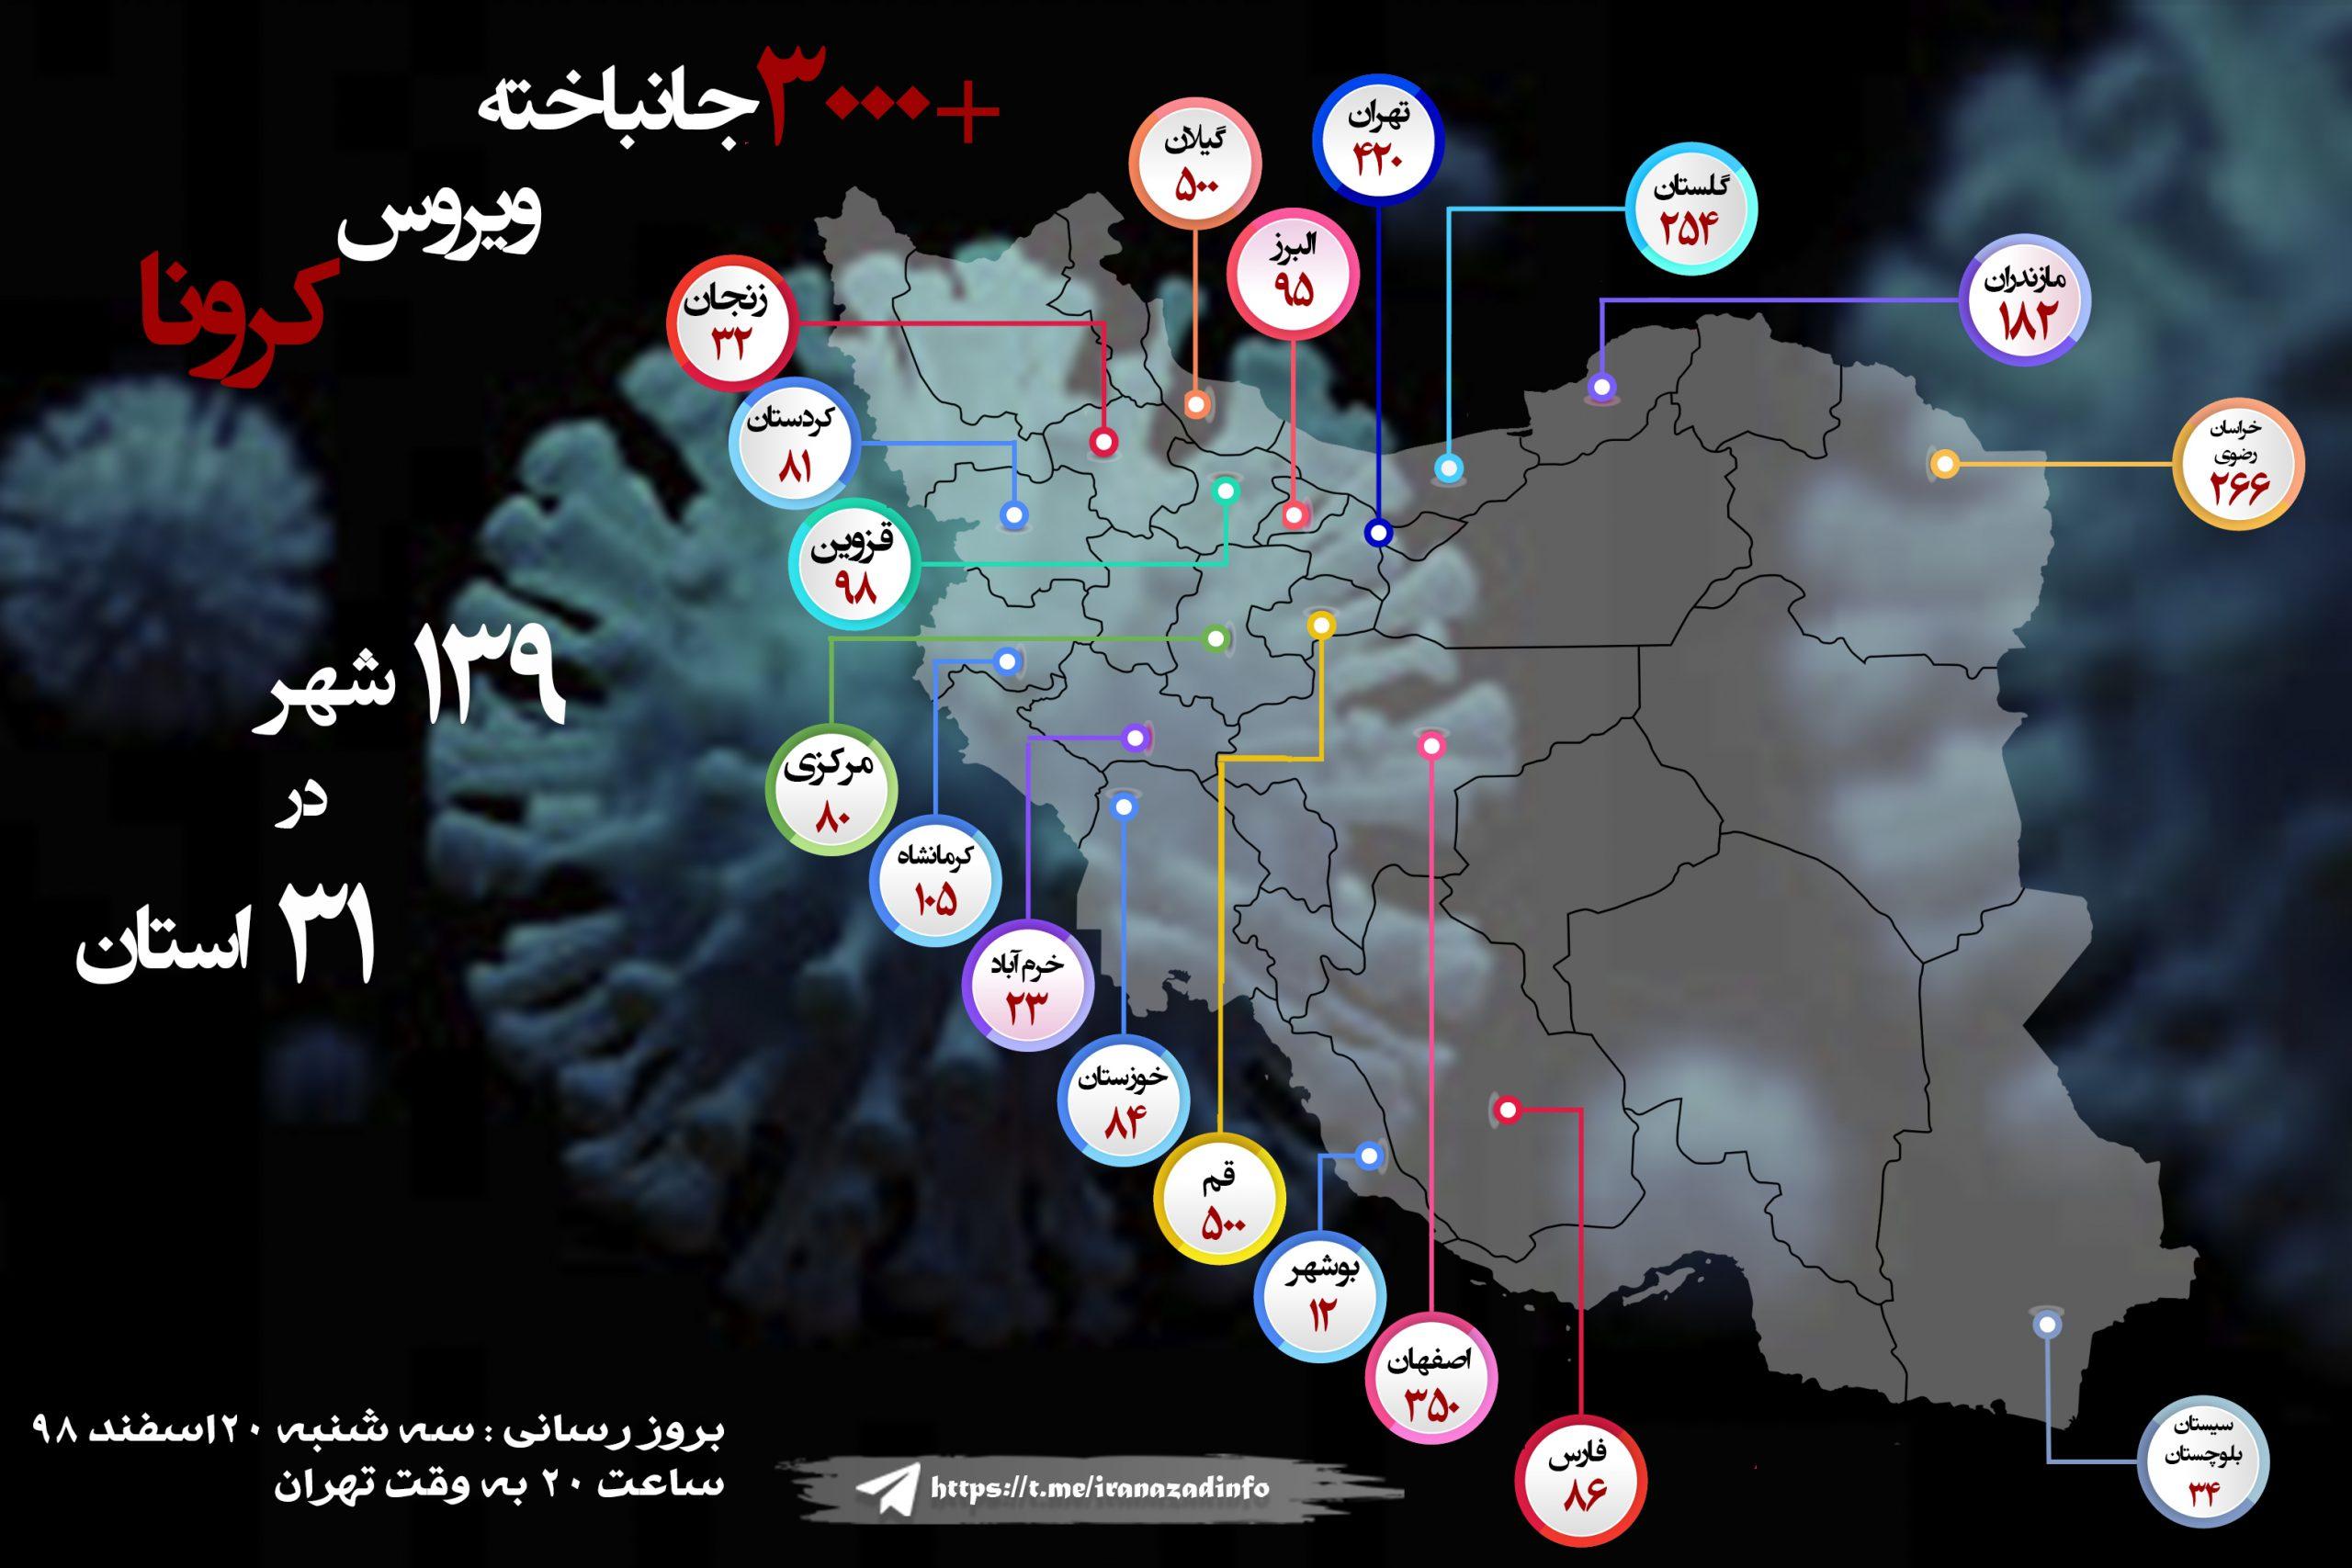 فاجعه کرونا در ایران و عجله خامنهای برای ساخت بمب اتمی=